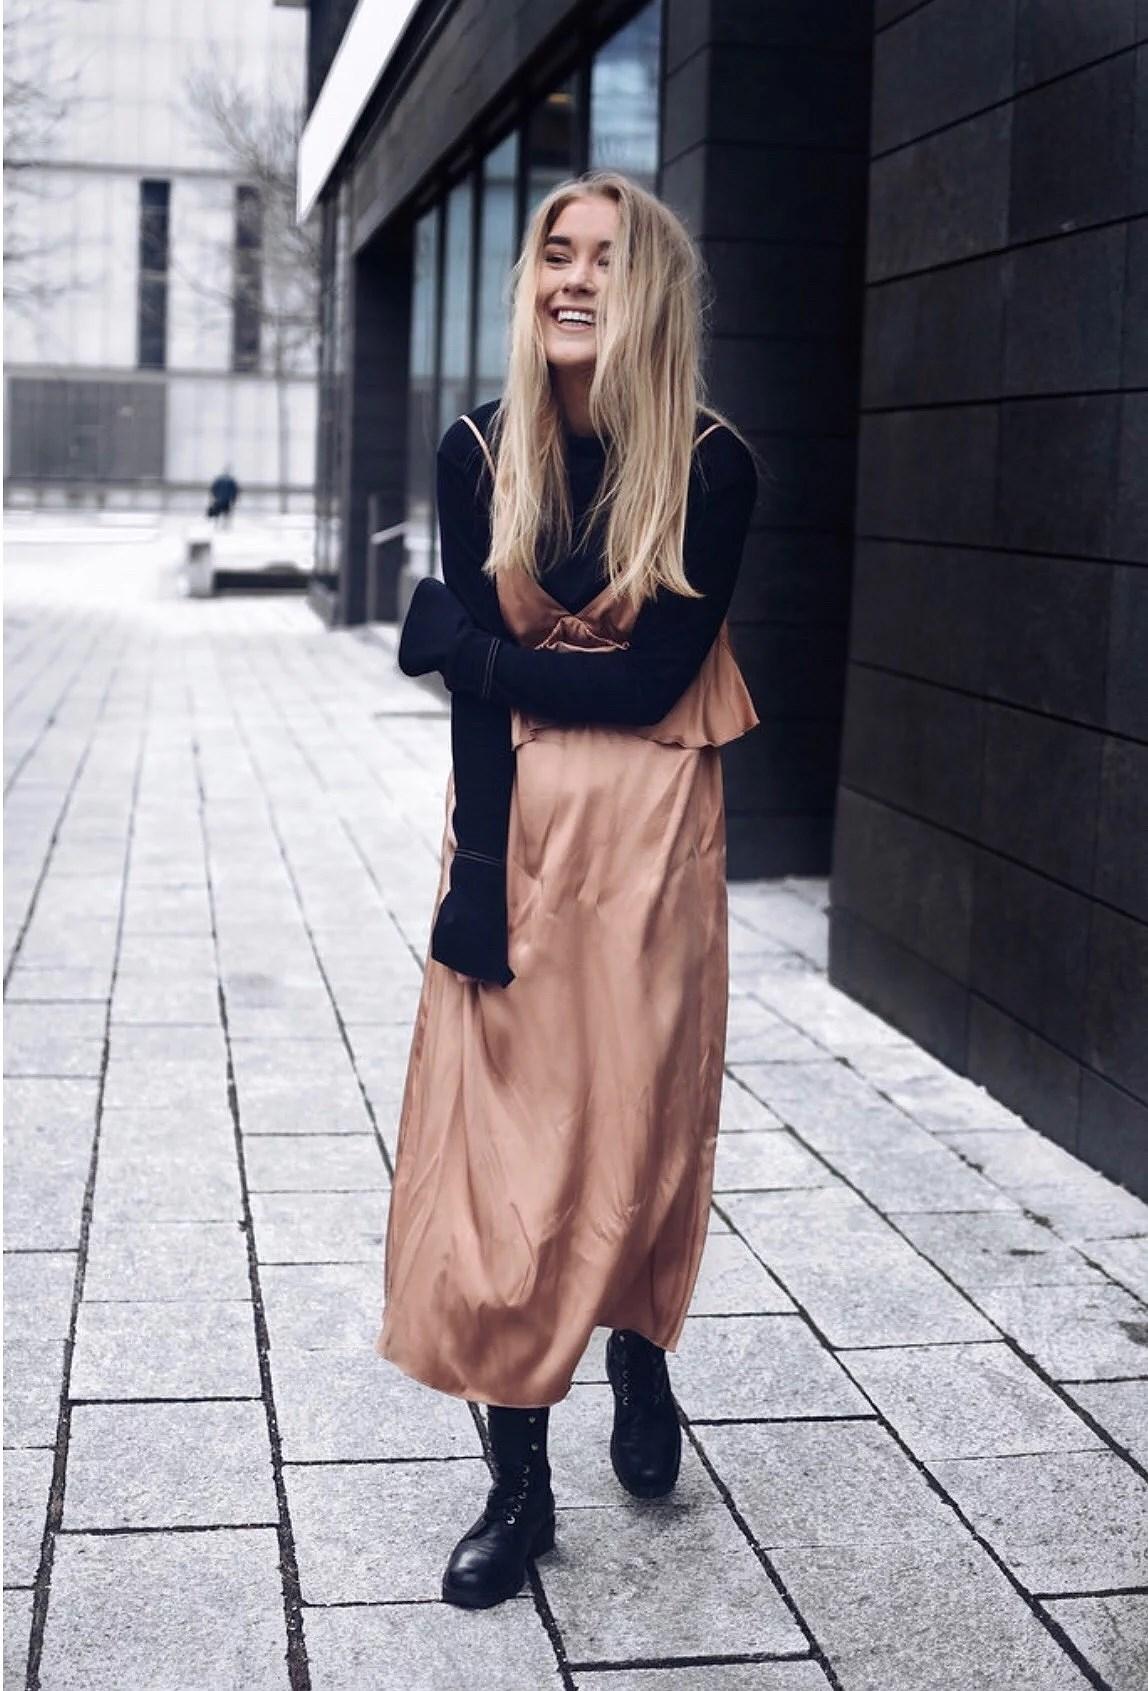 GET TO KNOW: LINNEA ALBRECHTSEN